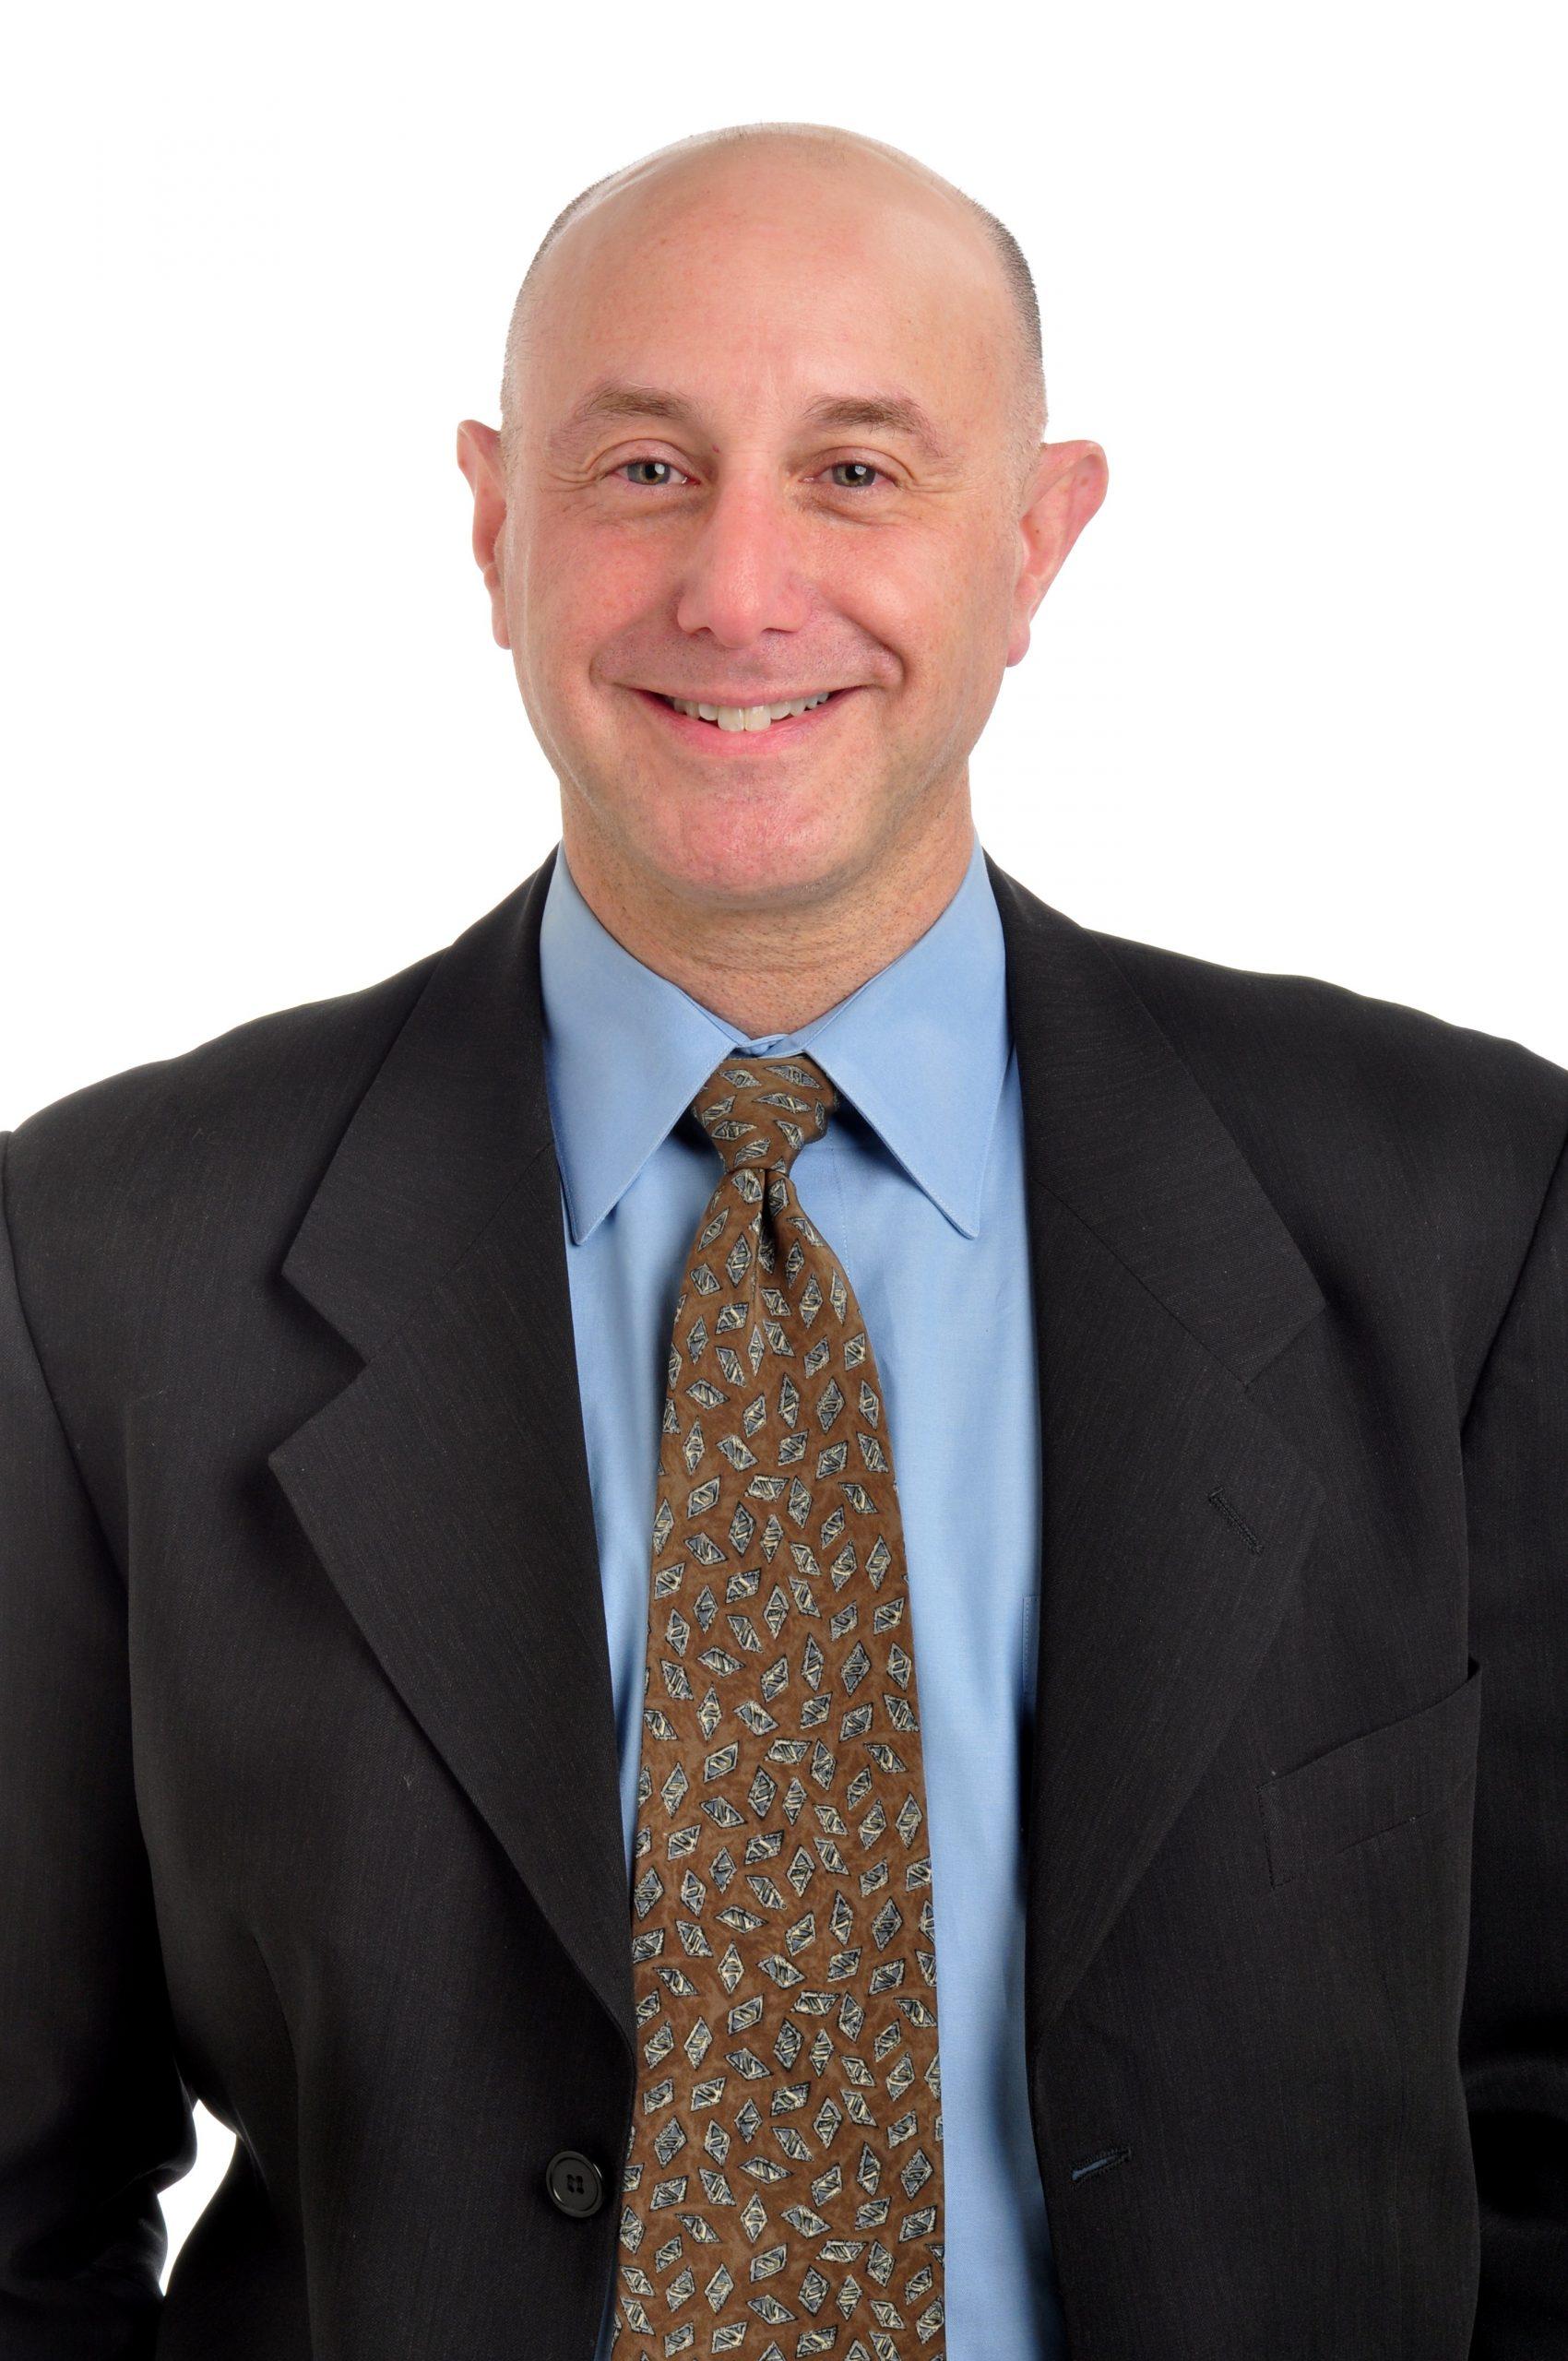 Harvey Perle